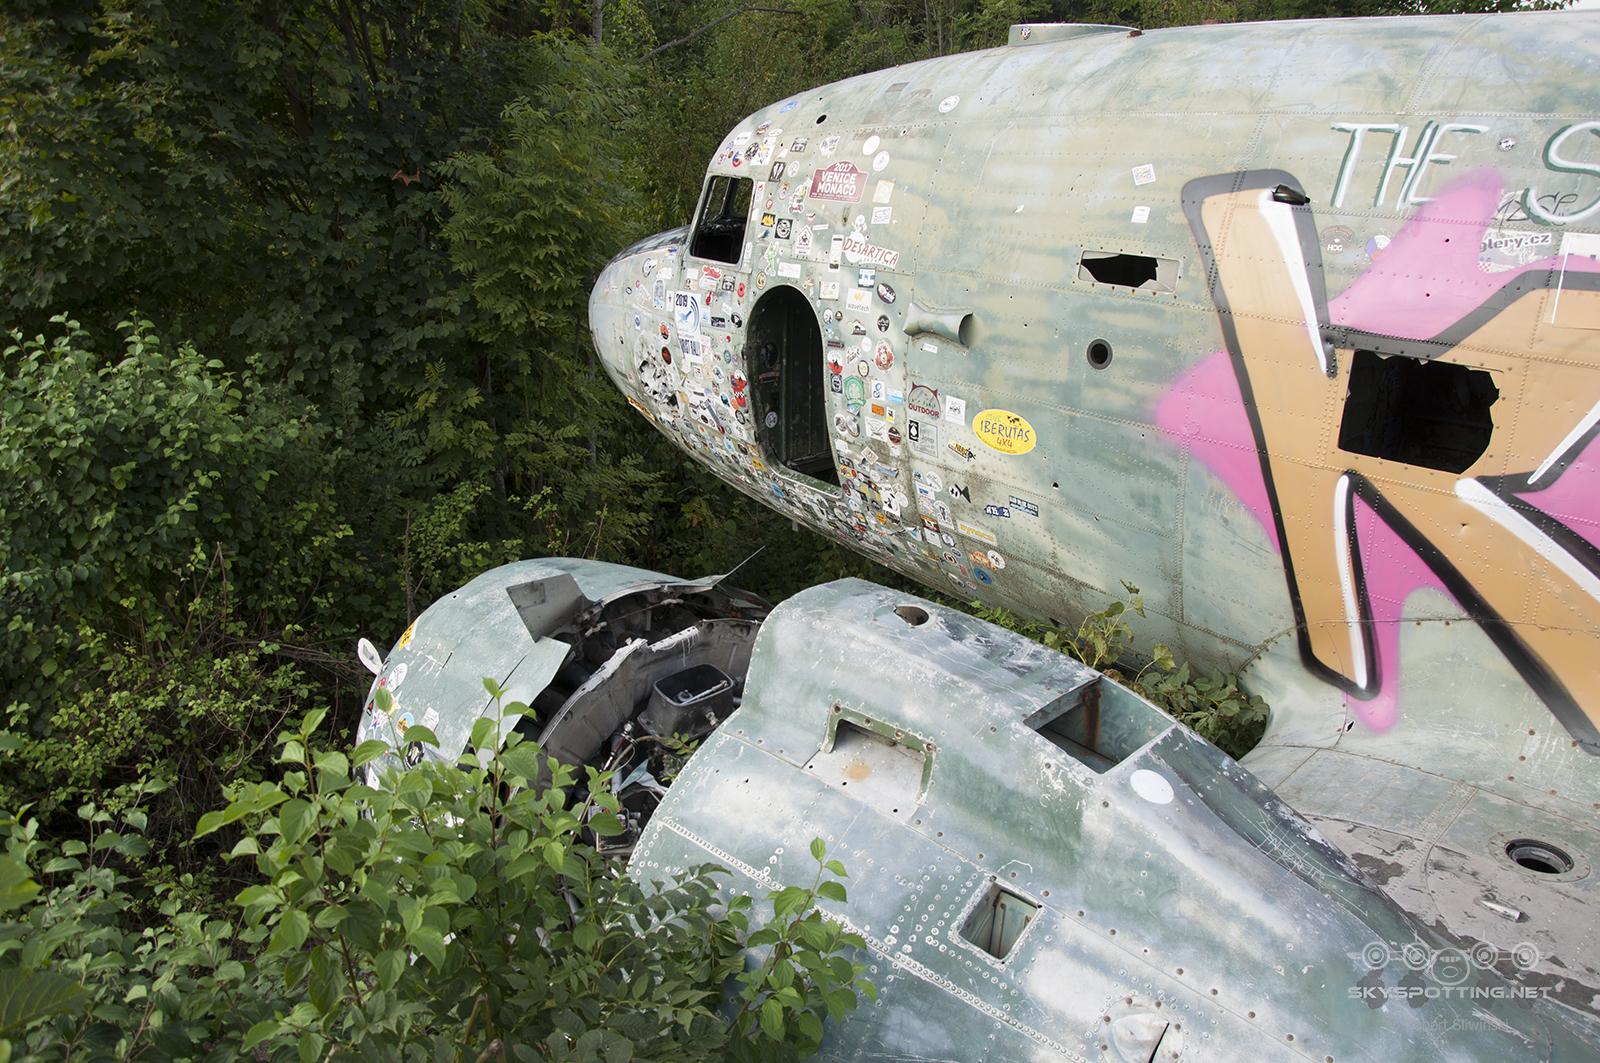 Śladami pomników lotniczych, część 53 – Douglas C-47B Skytrain (Željava, Croatia)